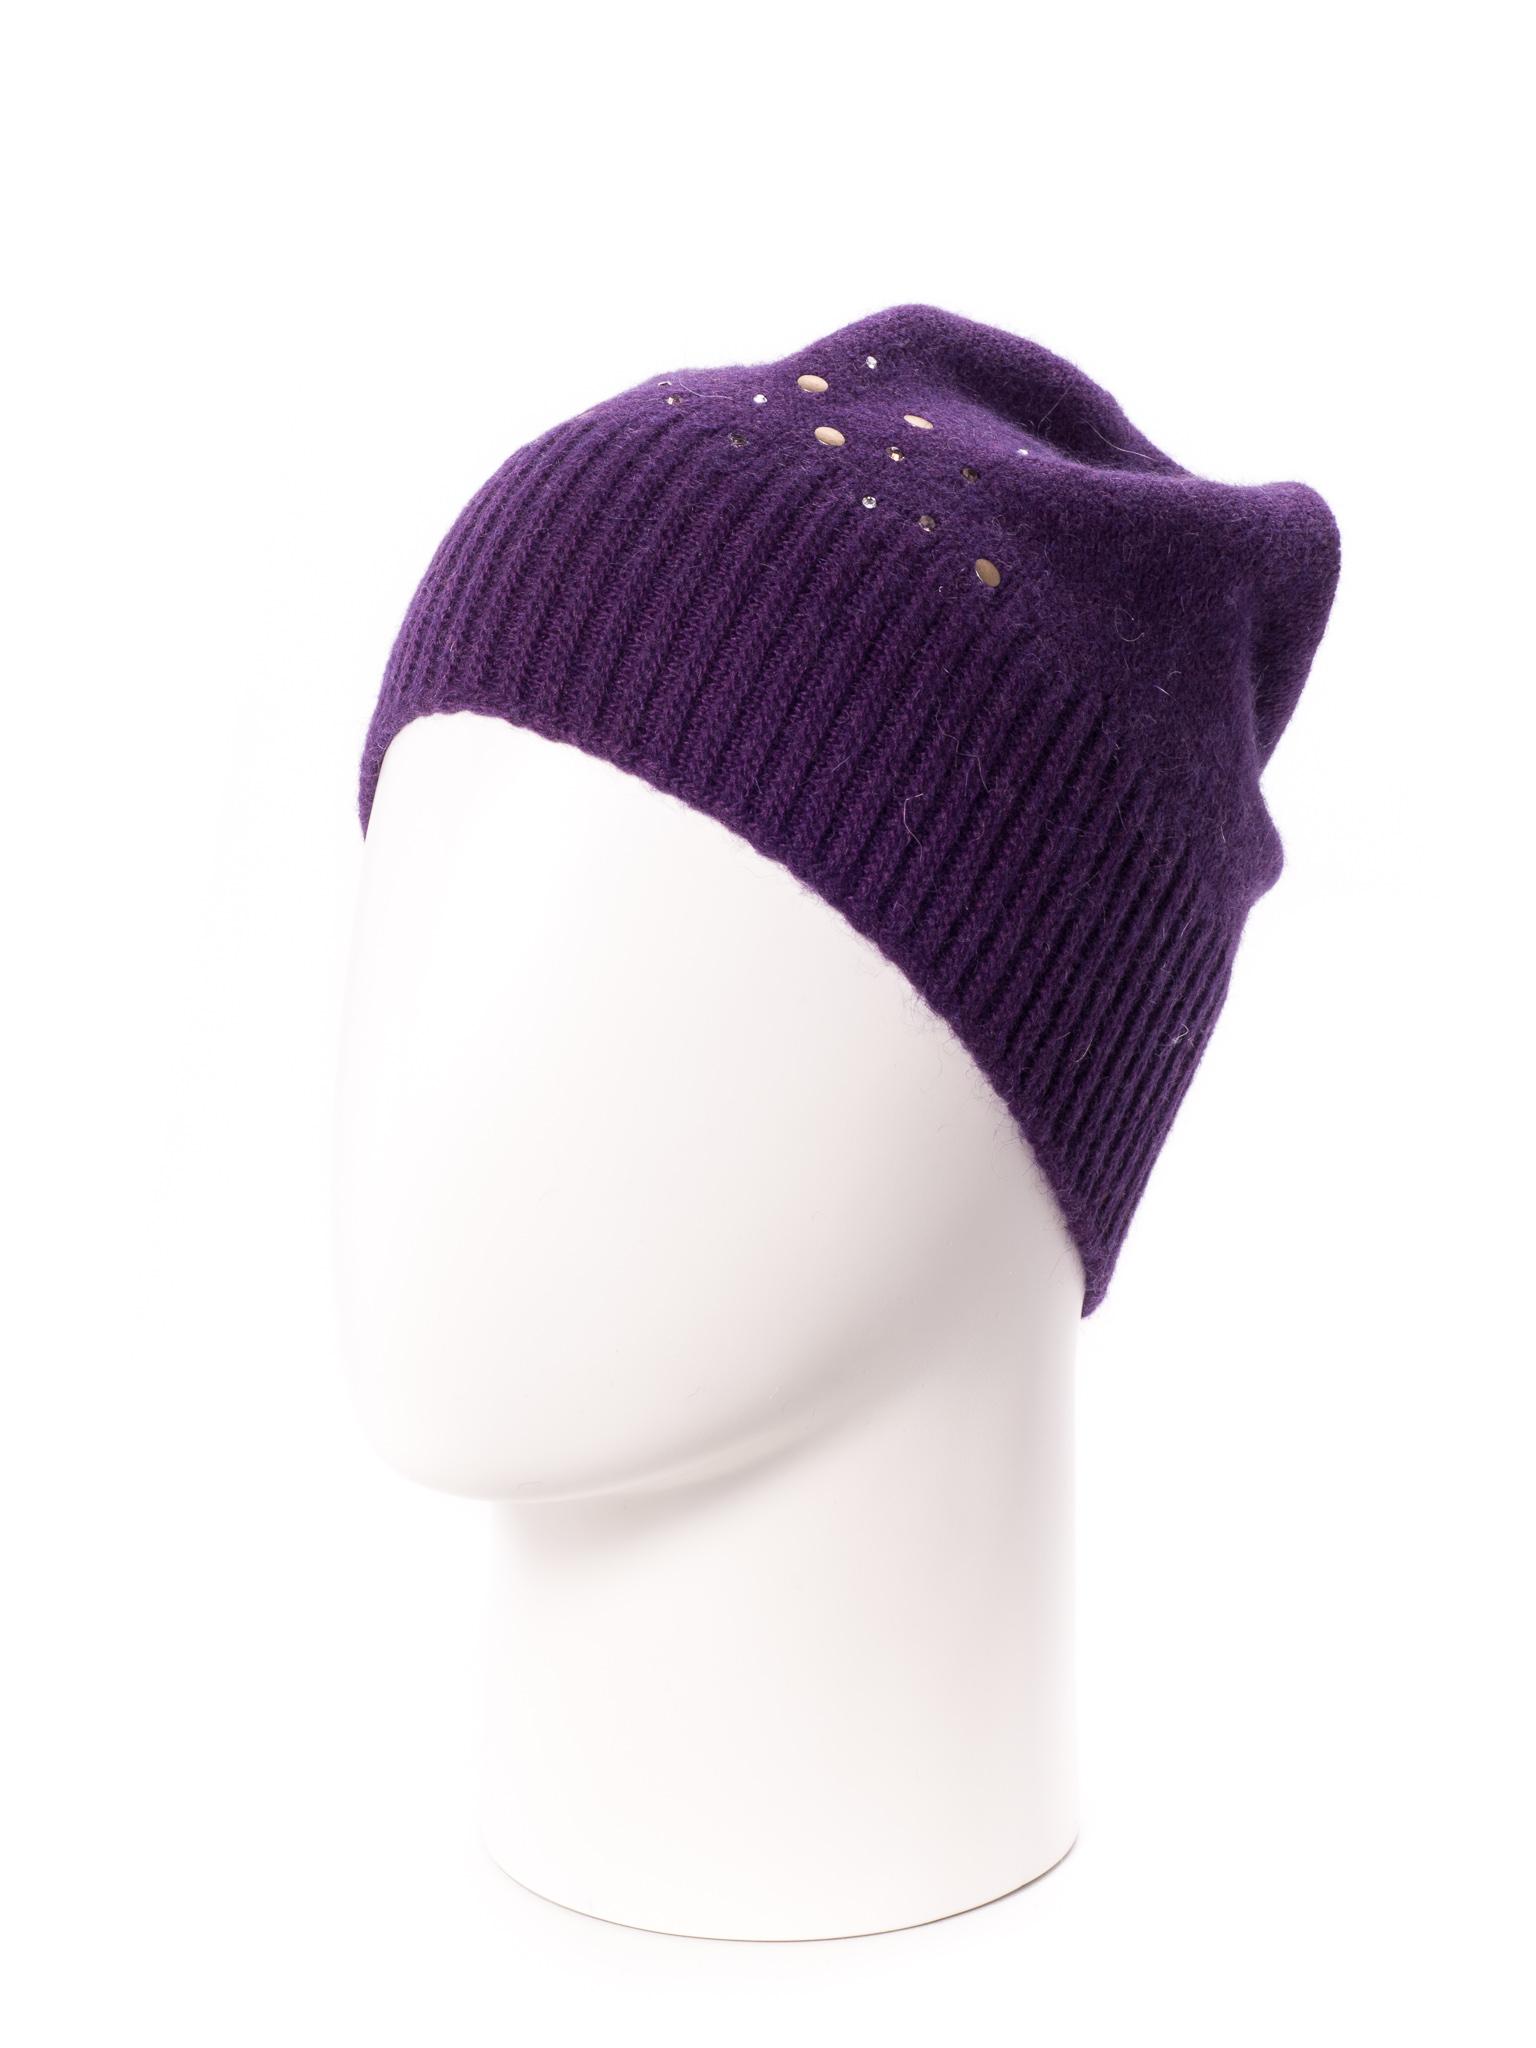 ШапкаШапки<br>Стильная шапка защитит Вас от непогоды и станет прекрасным дополнением Вашего образа.  В изделии использованы цвета: фиолетовый<br><br>По материалу: Вязаные<br>По рисунку: Однотонные<br>По элементам: С декором<br>По сезону: Зима<br>Размер : universal<br>Материал: Вязаное полотно<br>Количество в наличии: 1